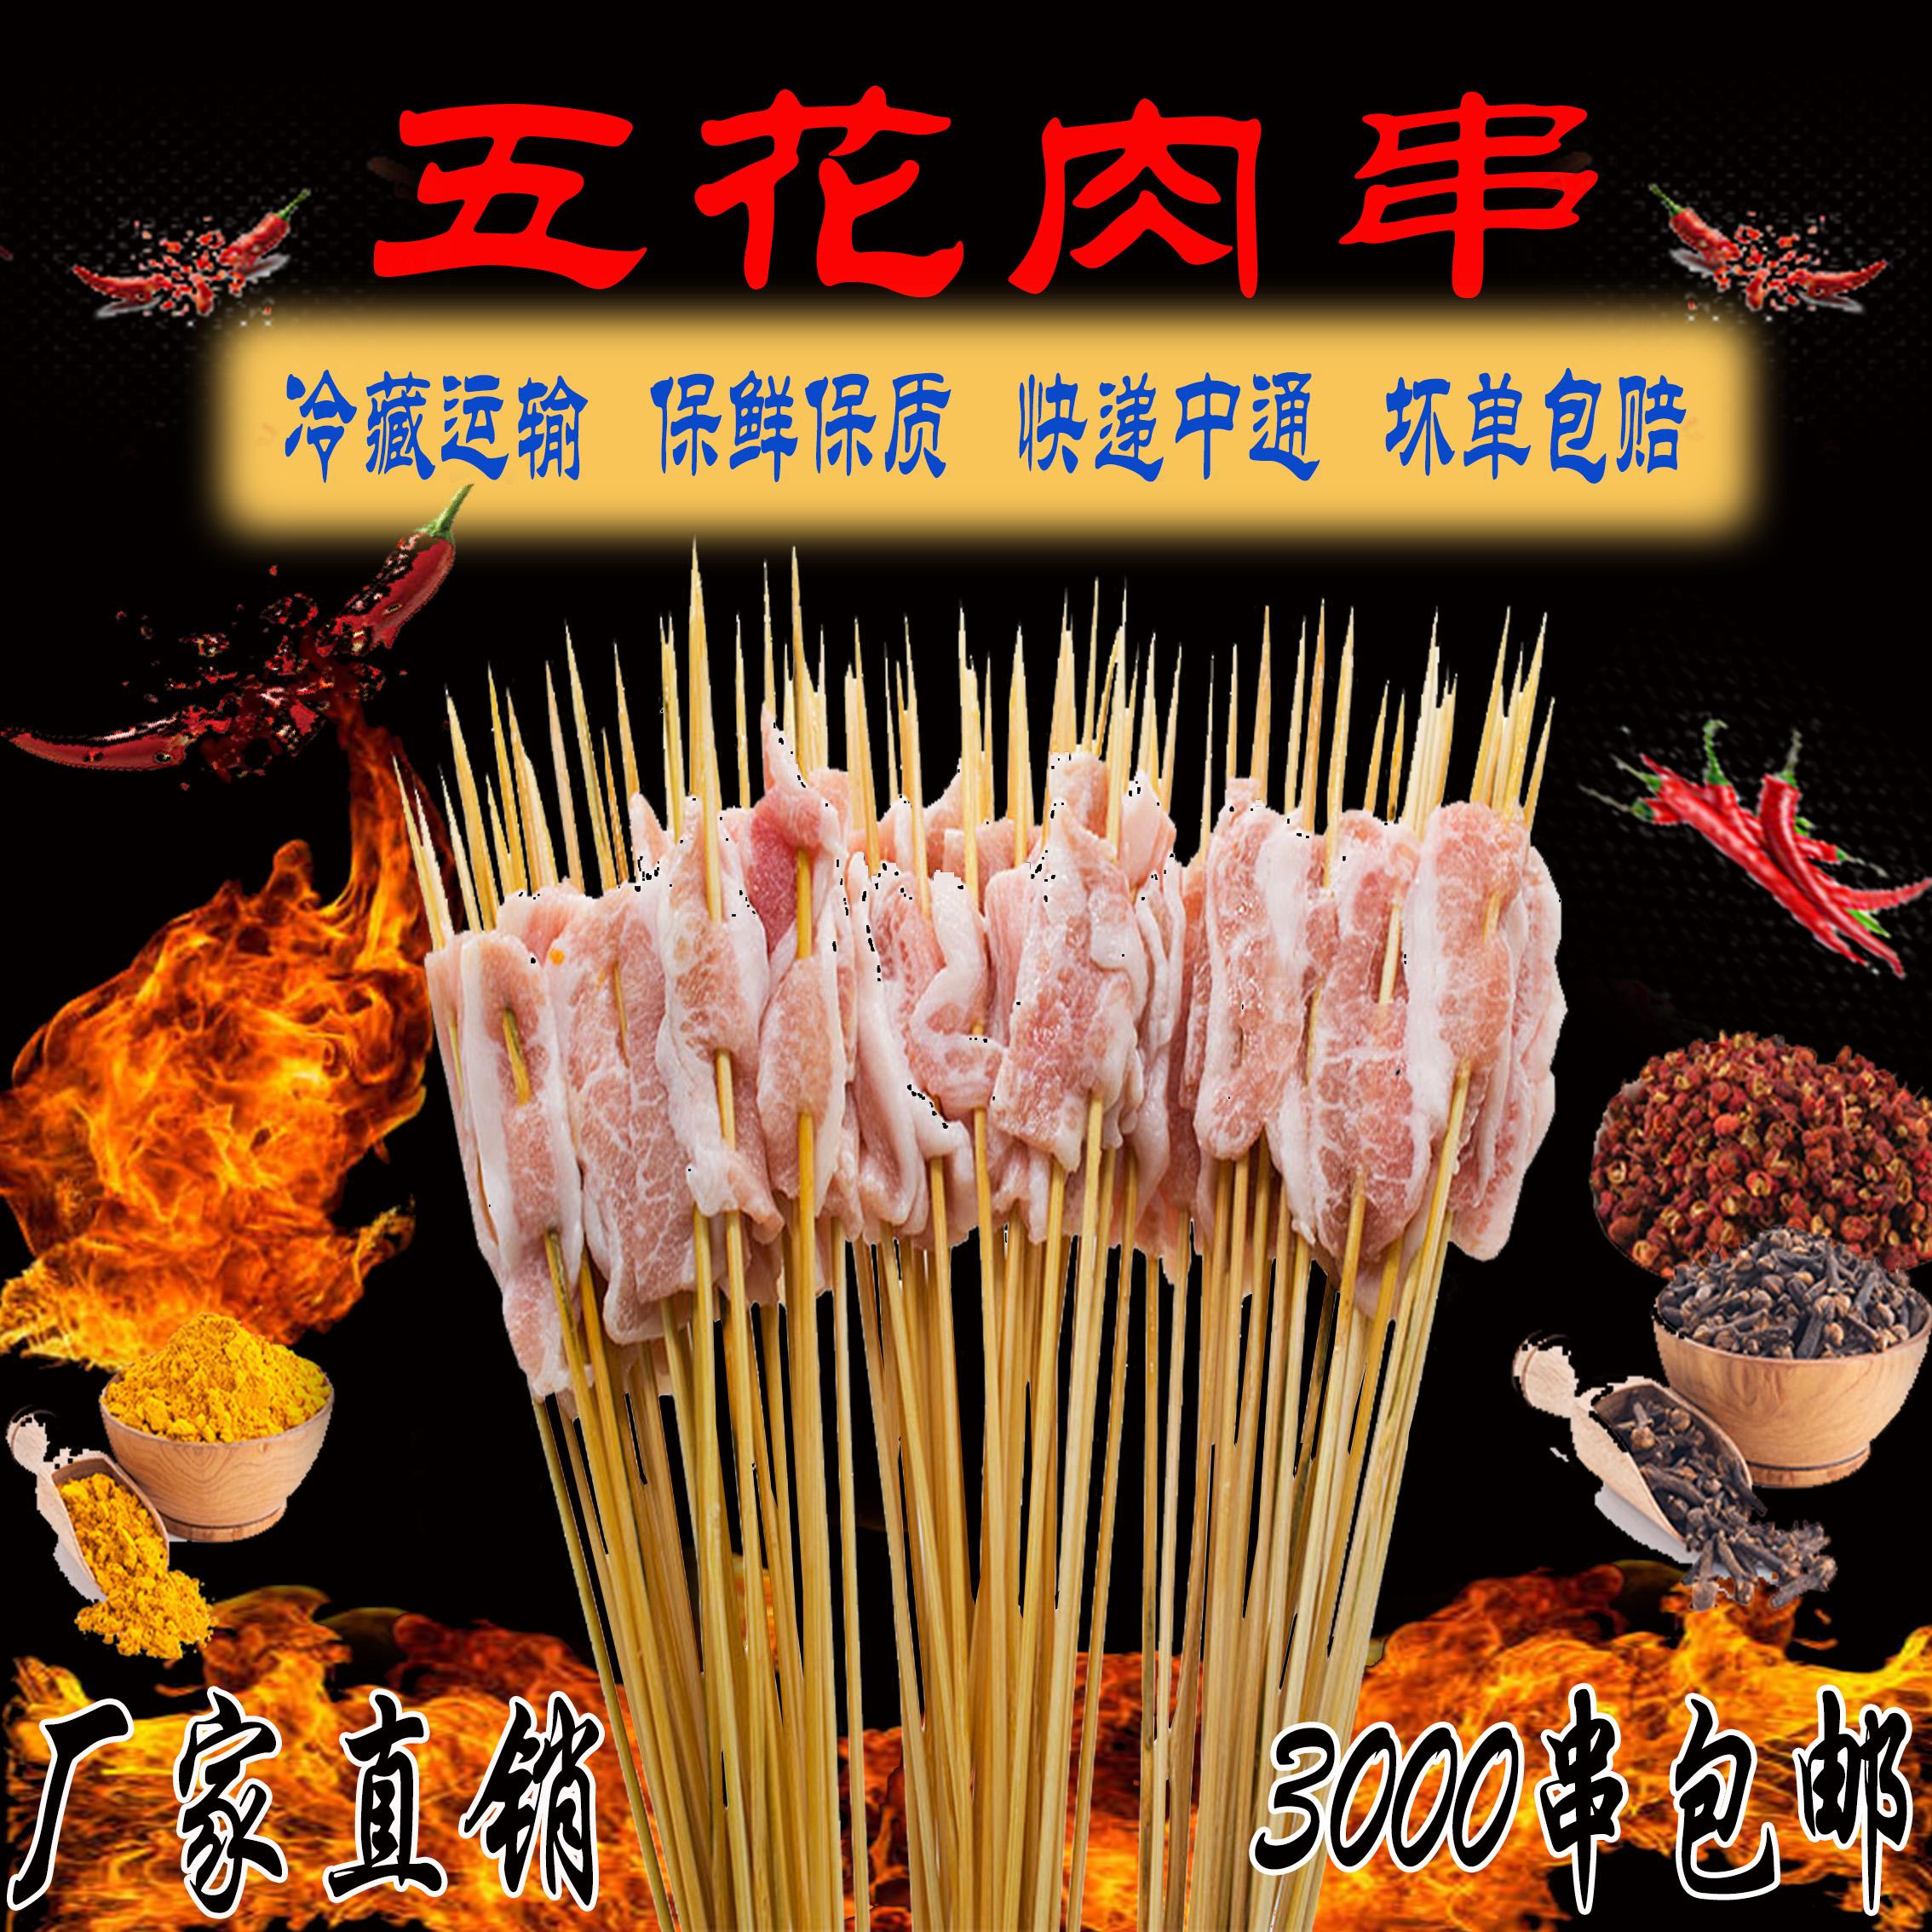 猪肉小串五花肉小串商用铁板烧烤串新鲜冷冻原味食材3000串包邮